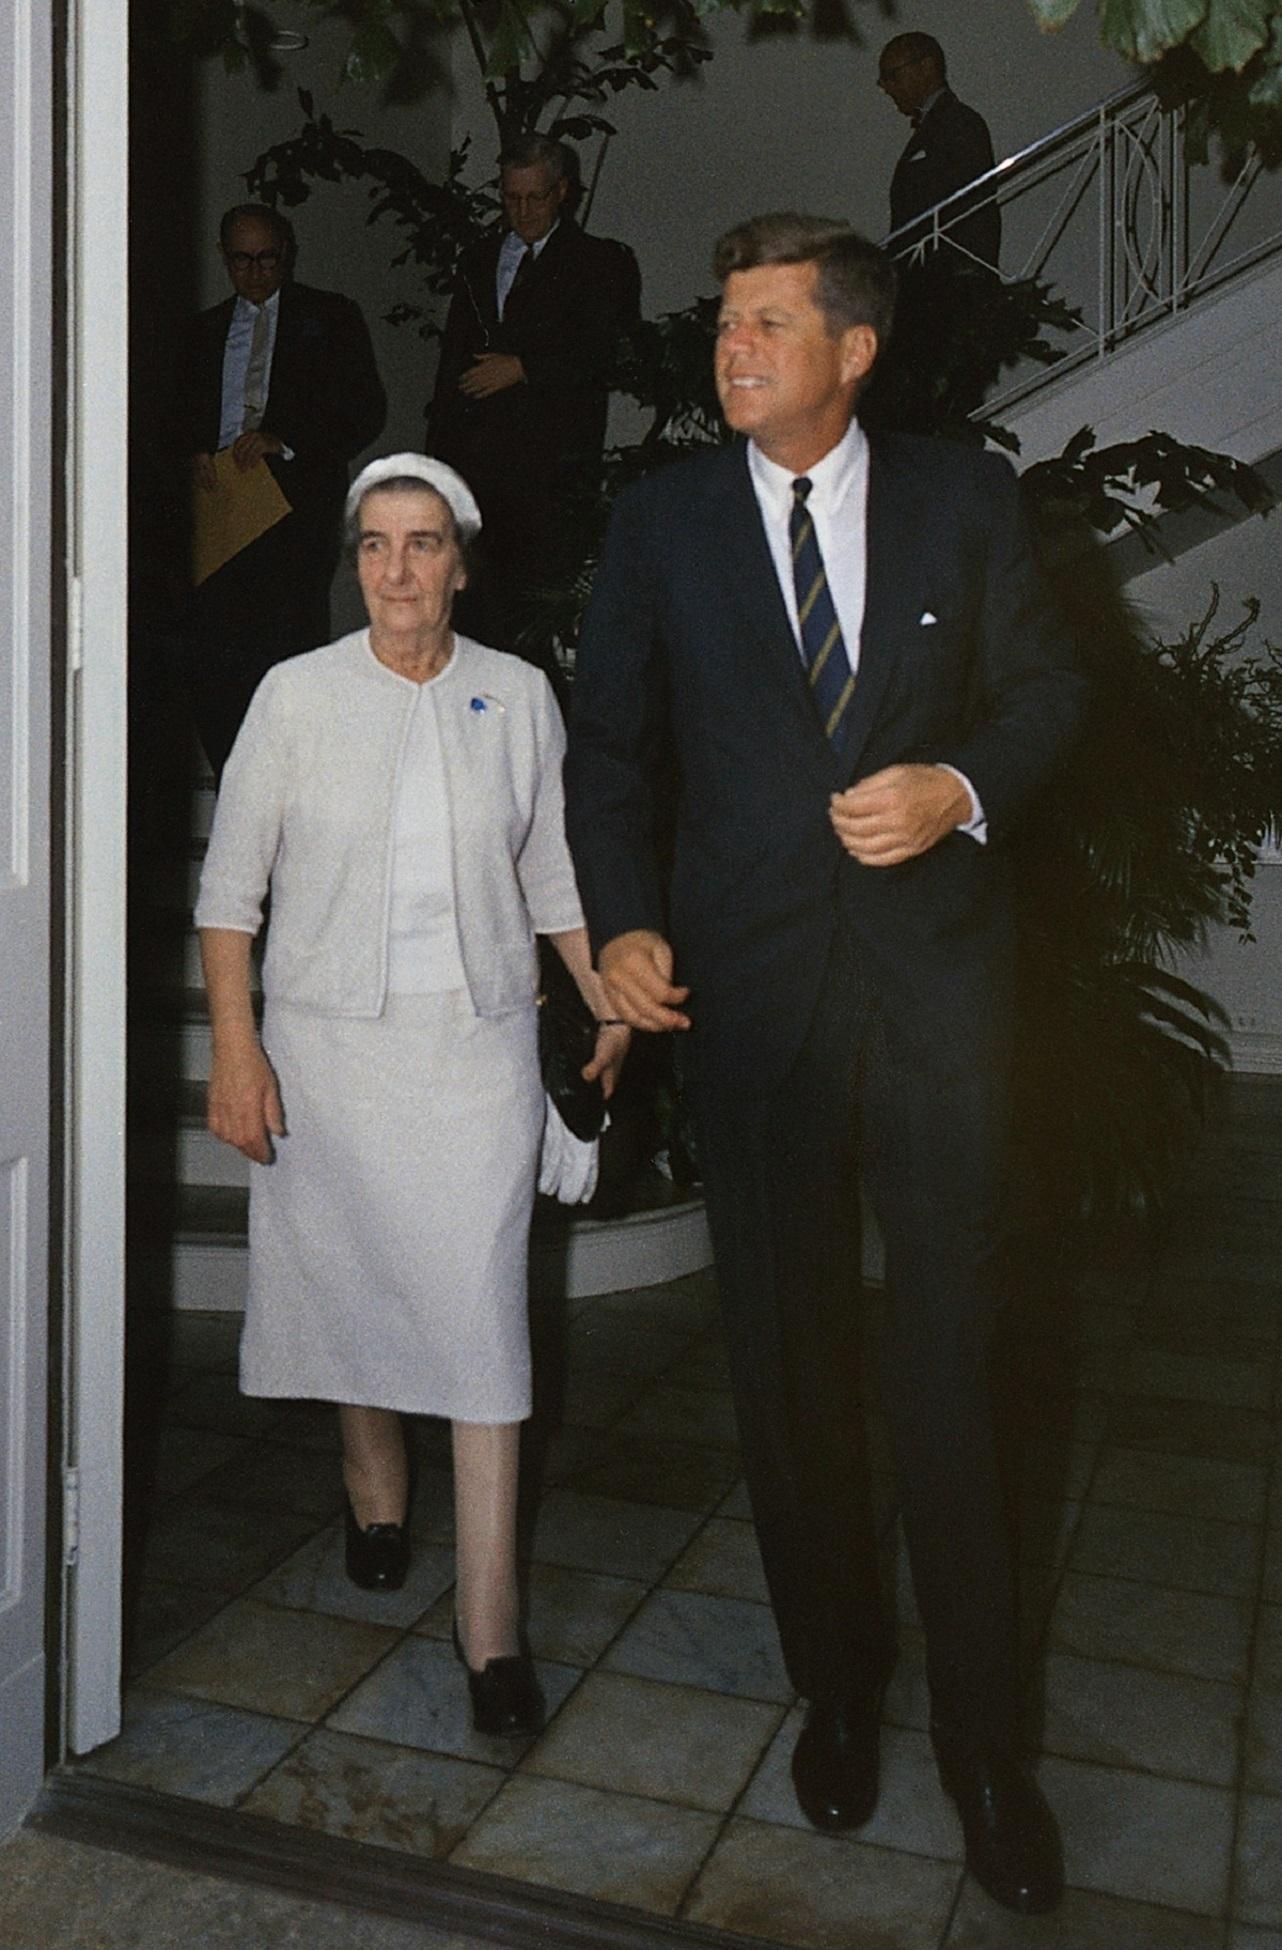 Golda Meir with Kennedy, America, F, John, Kennedy, HQ Photo